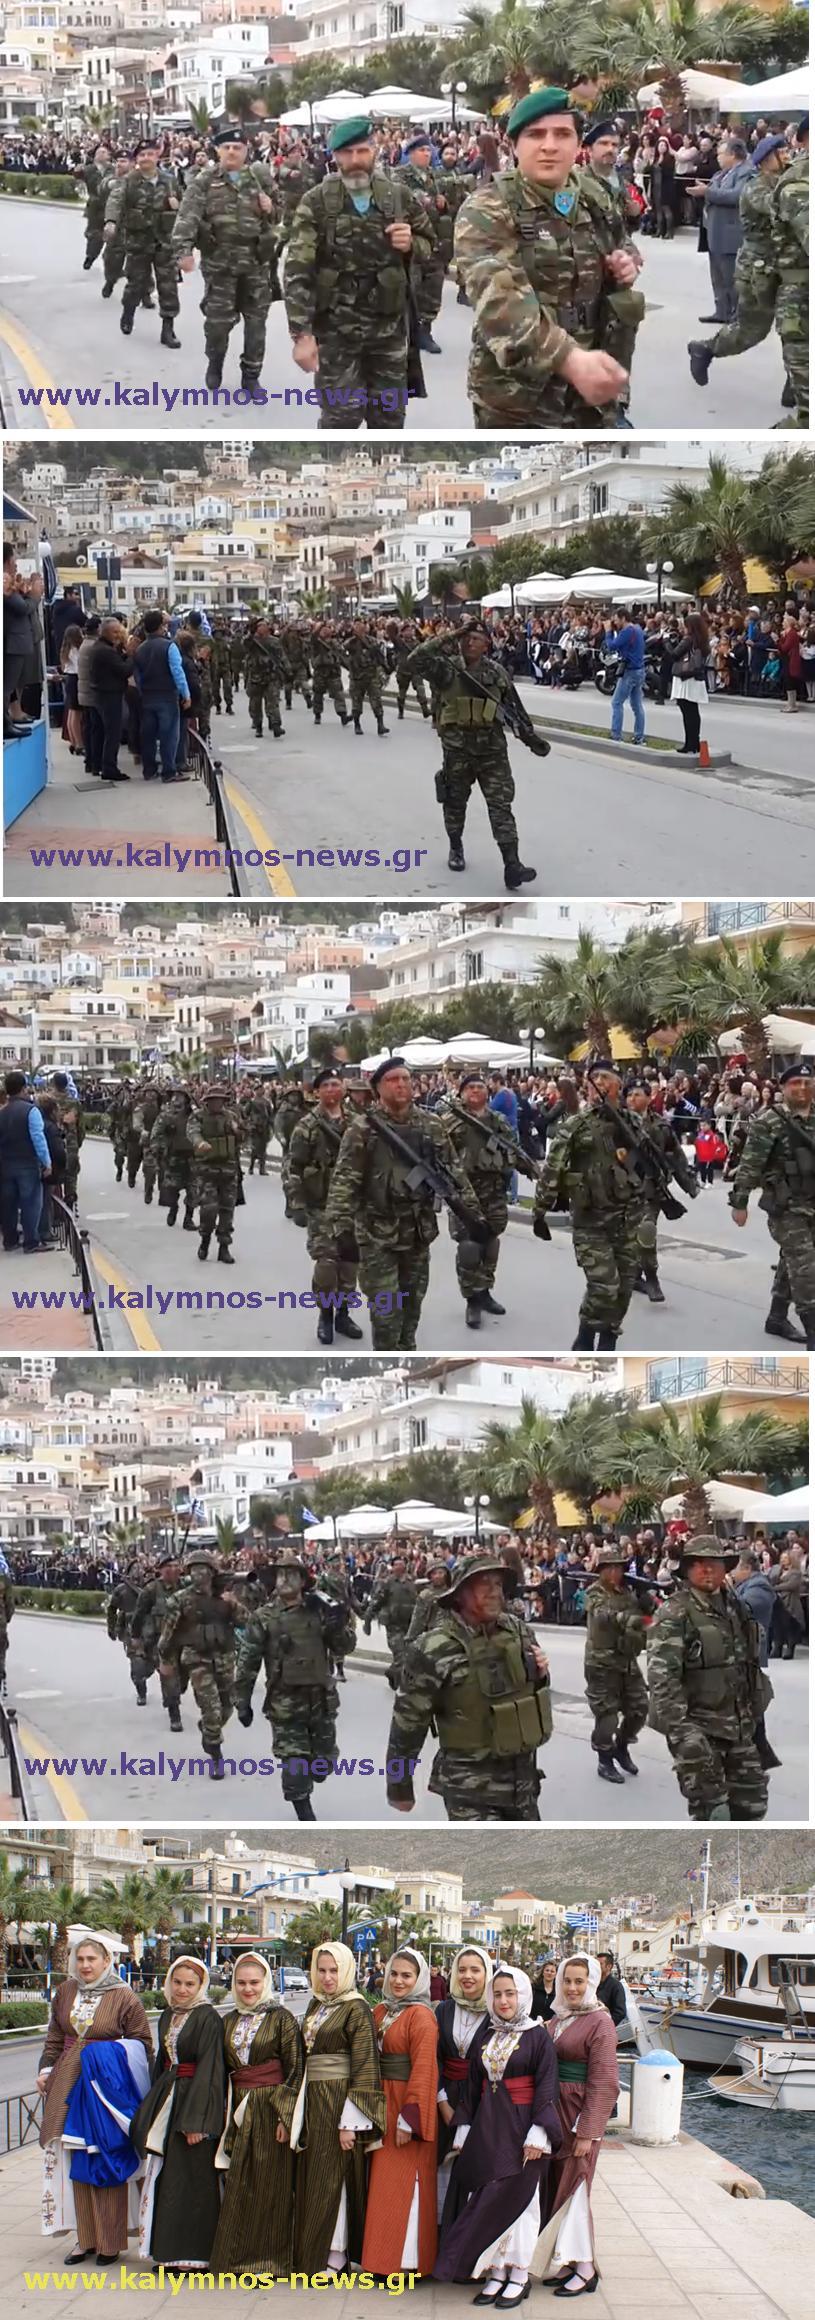 Στα όπλα οι Εθνοφύλακες – Γέμισε Στρατό η Κάλυμνος – Βίντεο και εικόνες - Εικόνα2